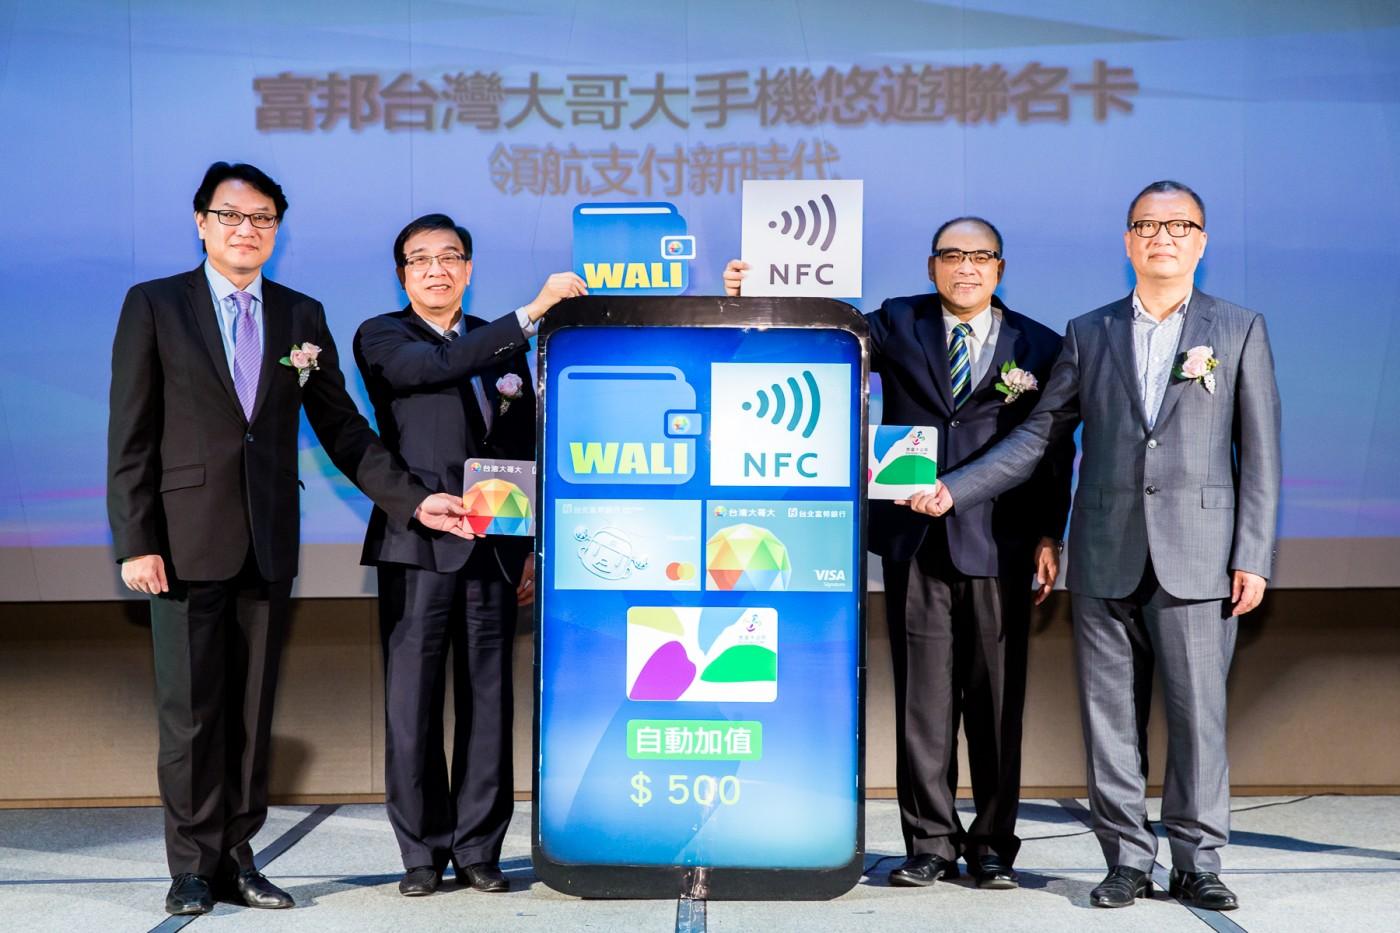 電信商搶灘行動支付,台灣大首推「可自動加值的手機悠遊卡」